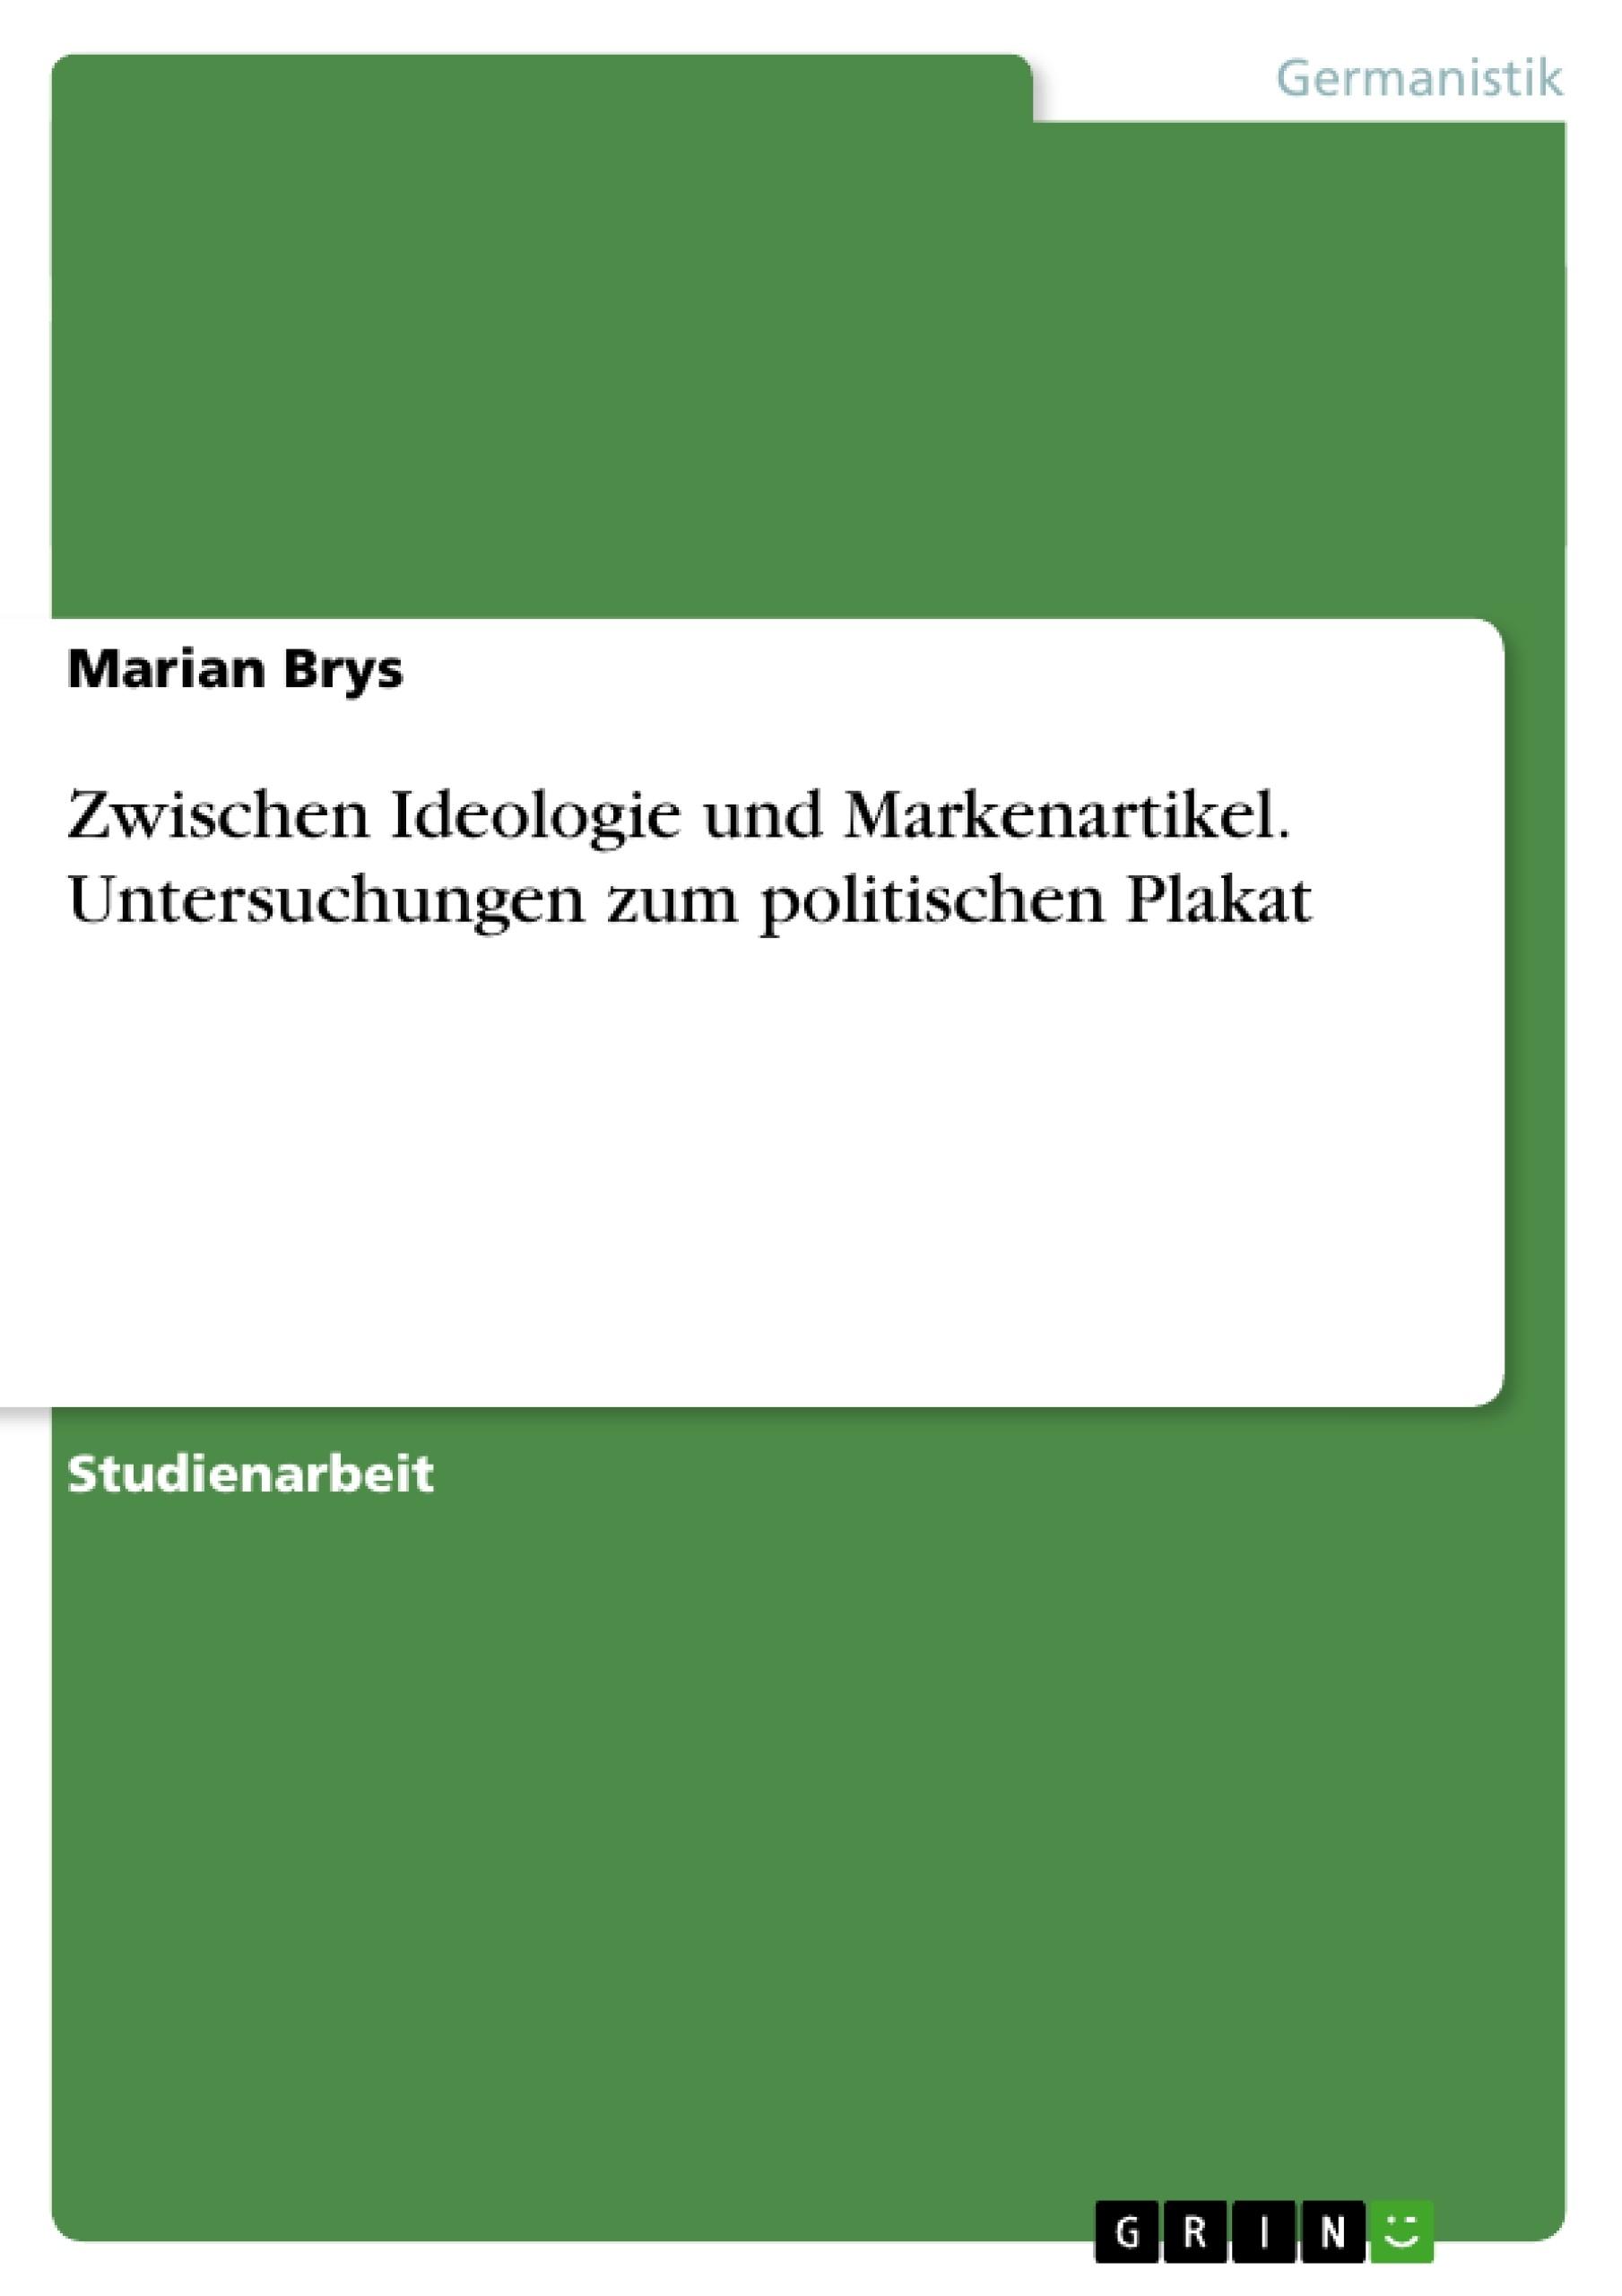 Titel: Zwischen Ideologie und Markenartikel. Untersuchungen zum politischen Plakat